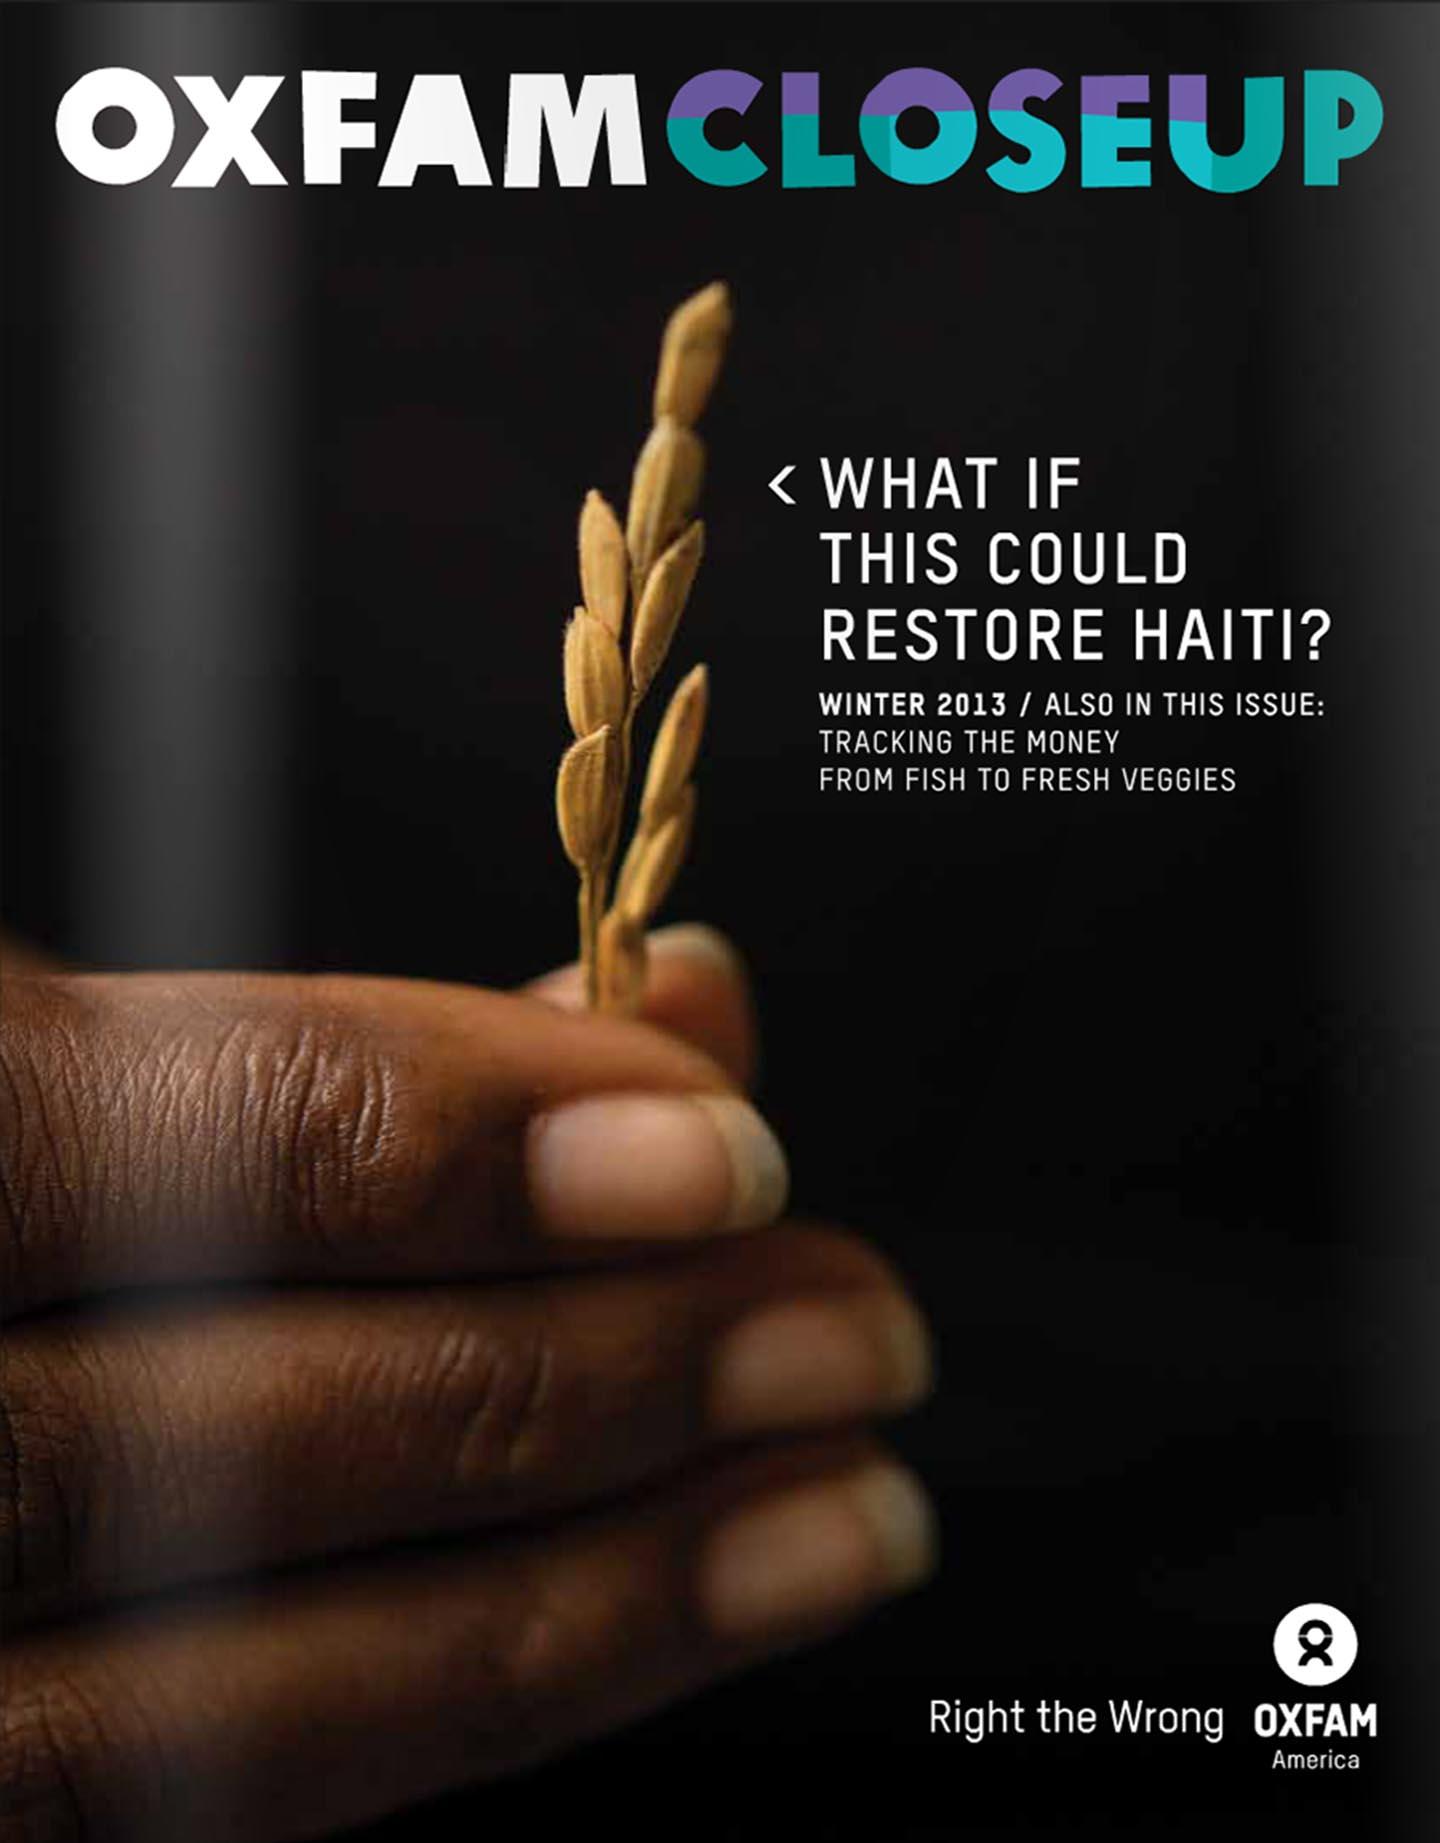 Oxfam Screenshot 1.jpg